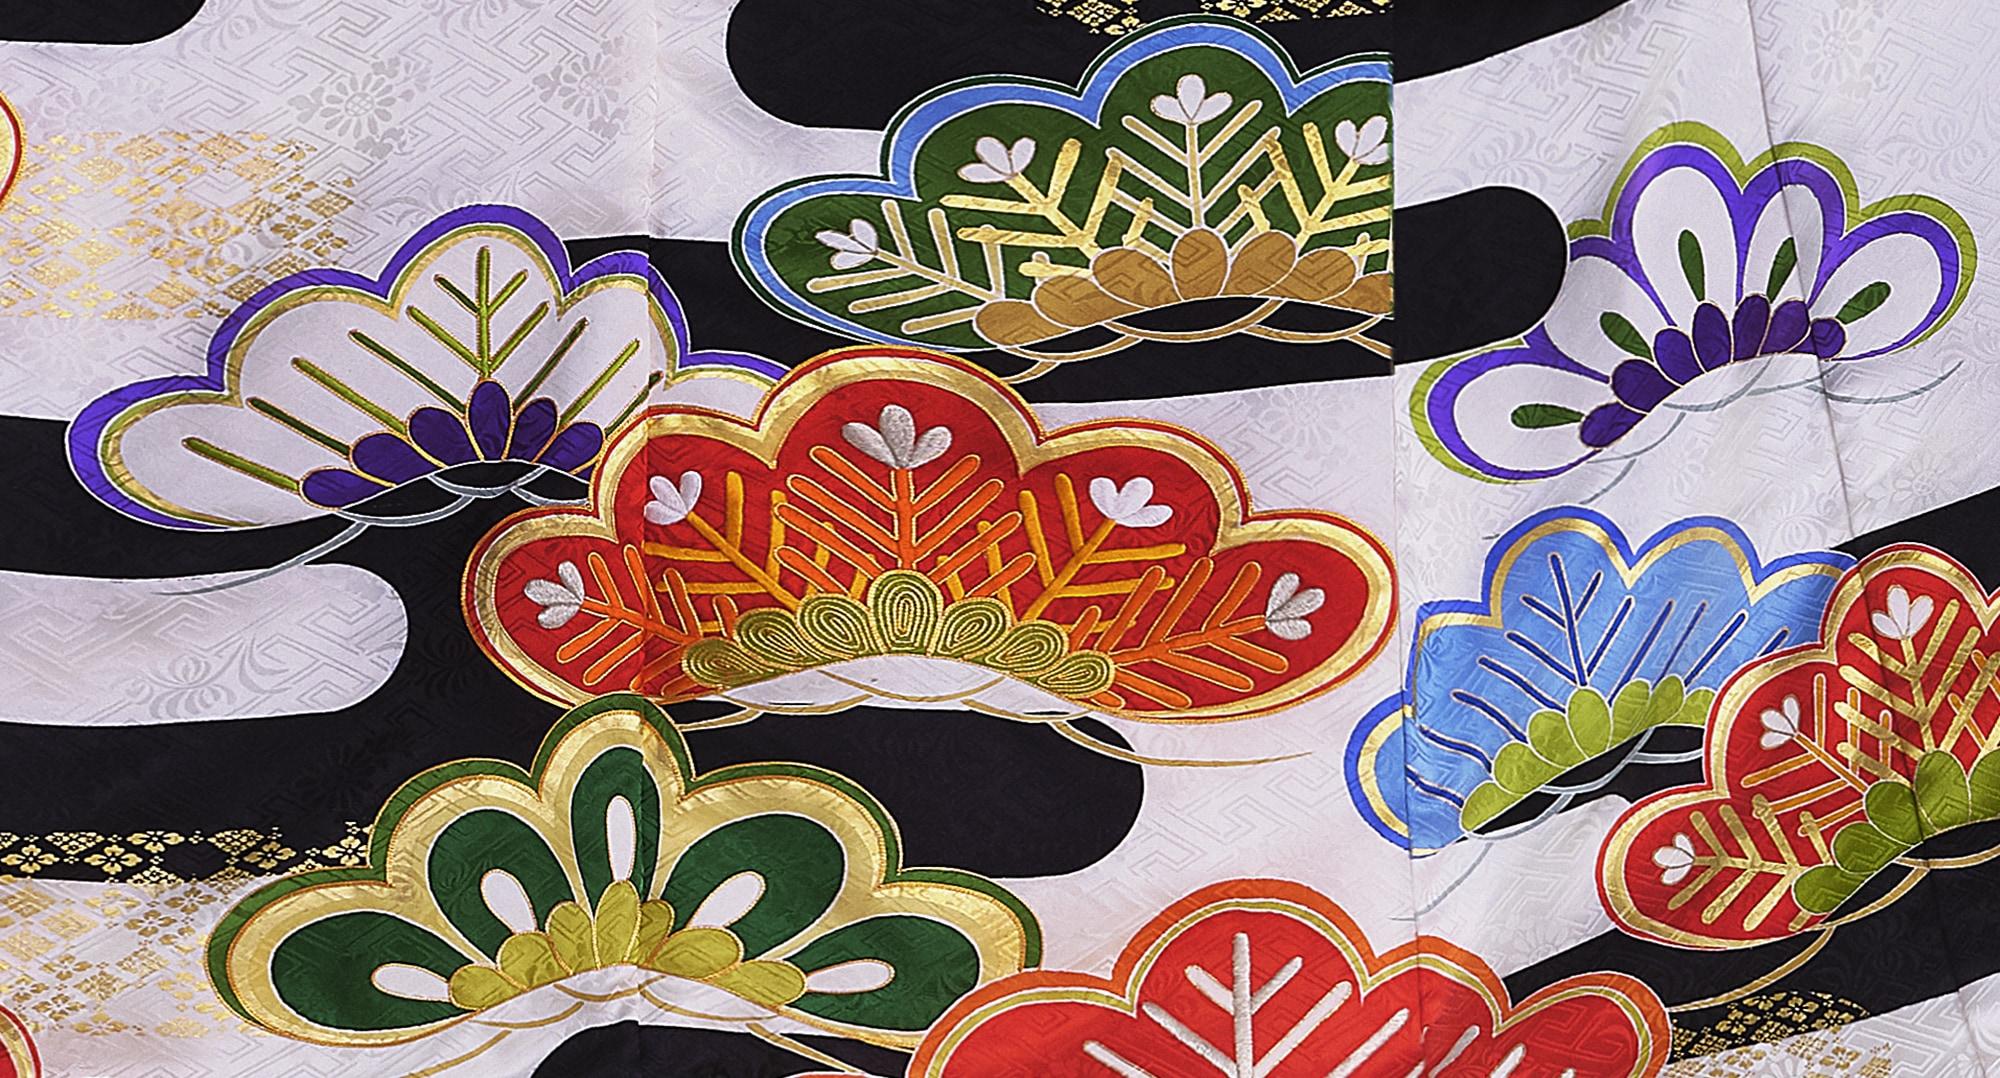 笠松とヱ霞を取り合わせた構成でおめでたさを表現